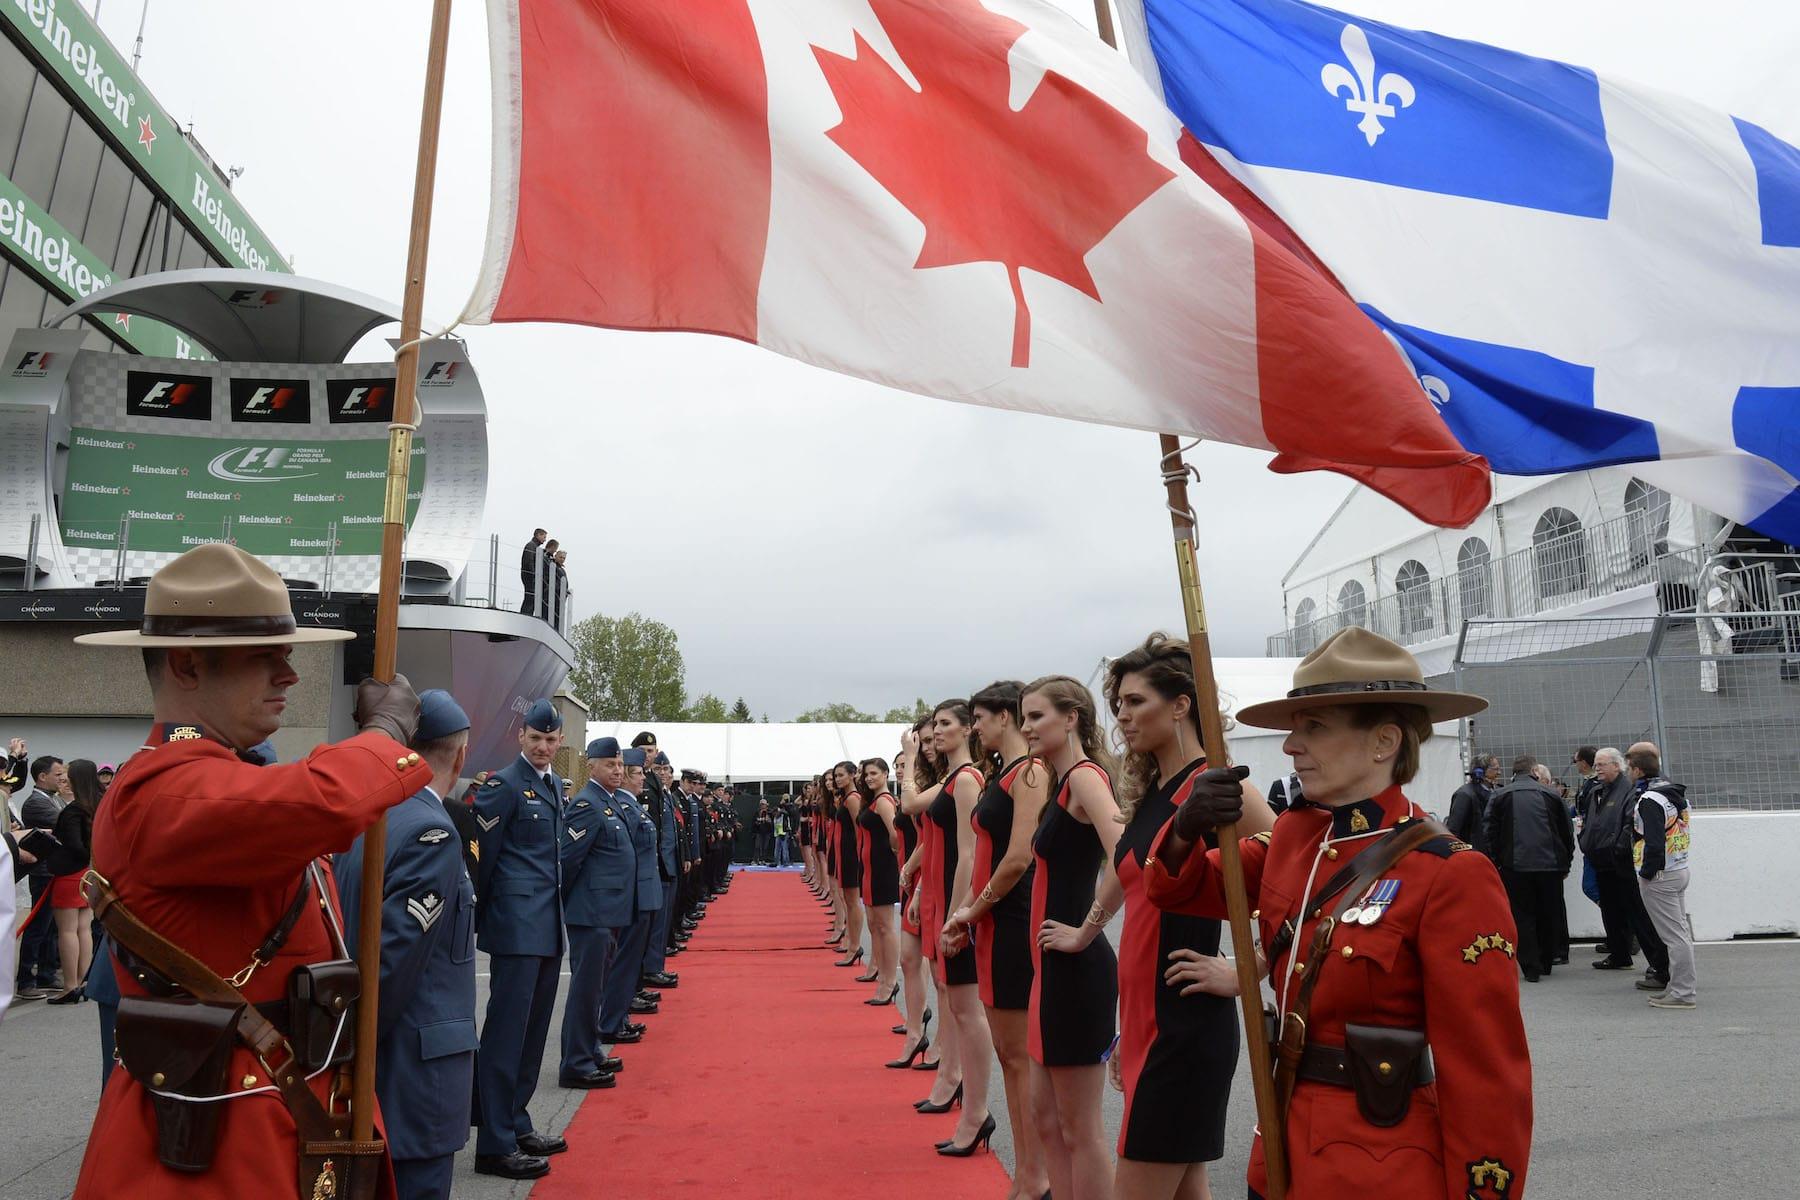 Salracing - Pre-race ceremonies